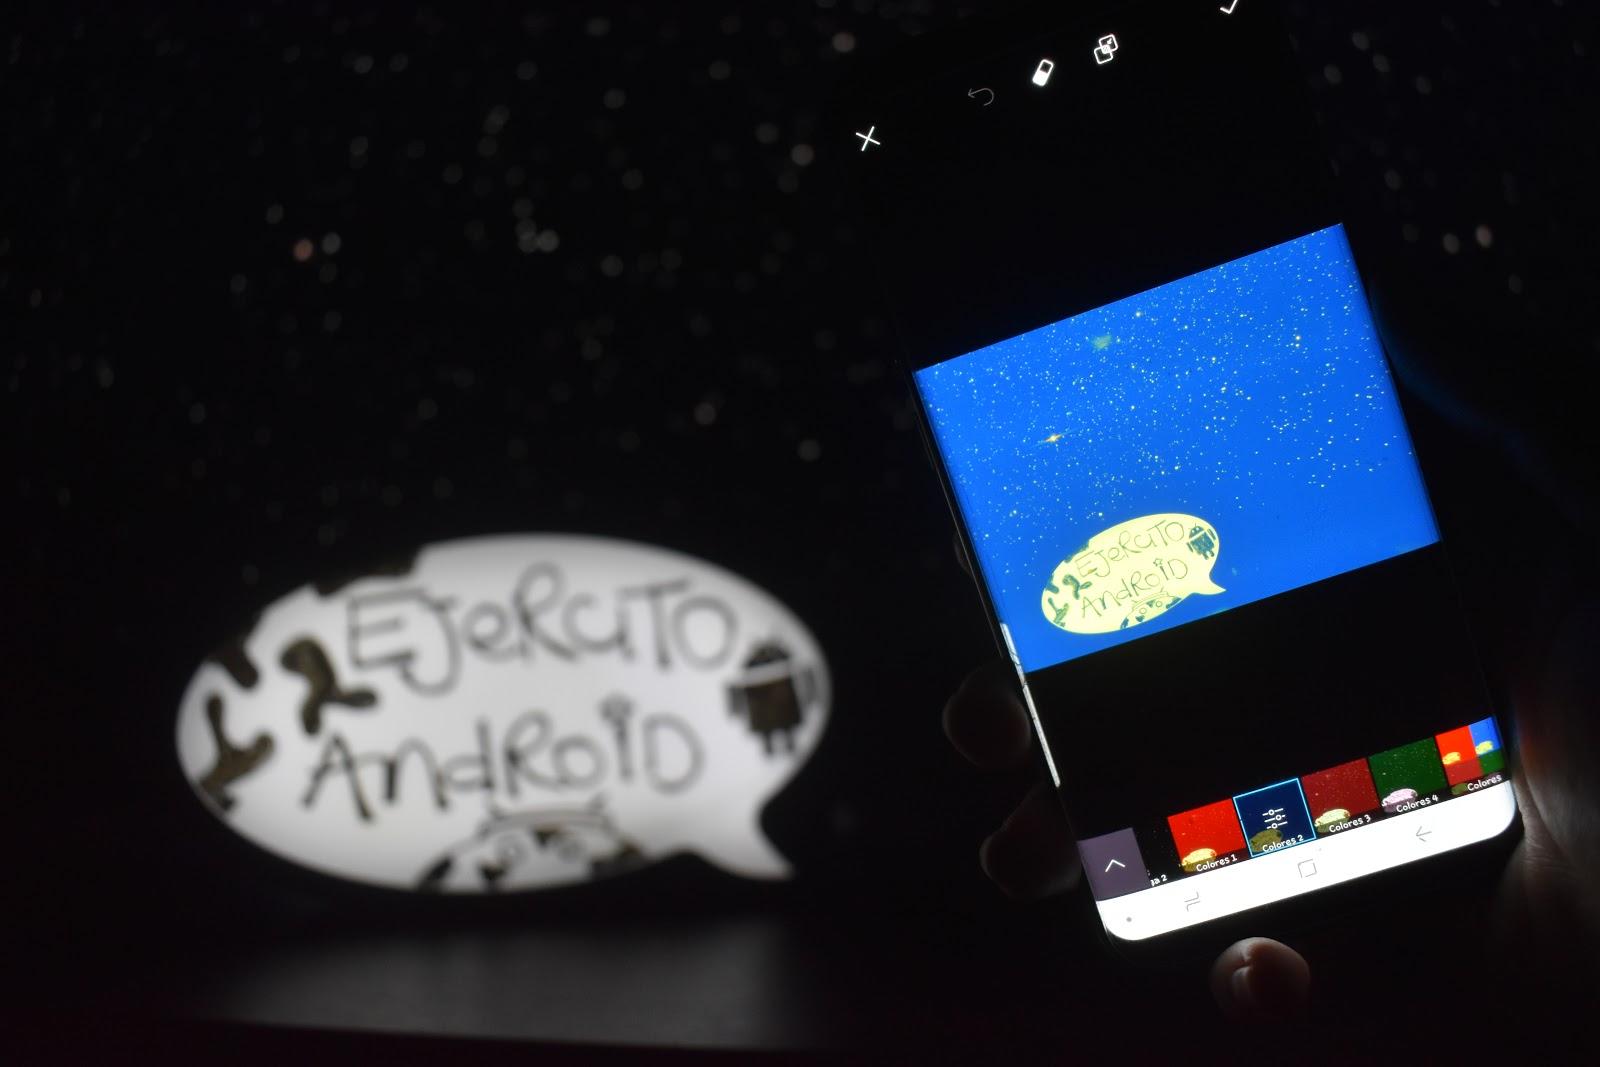 La mejor Aplicación para editar - Ejercito Android